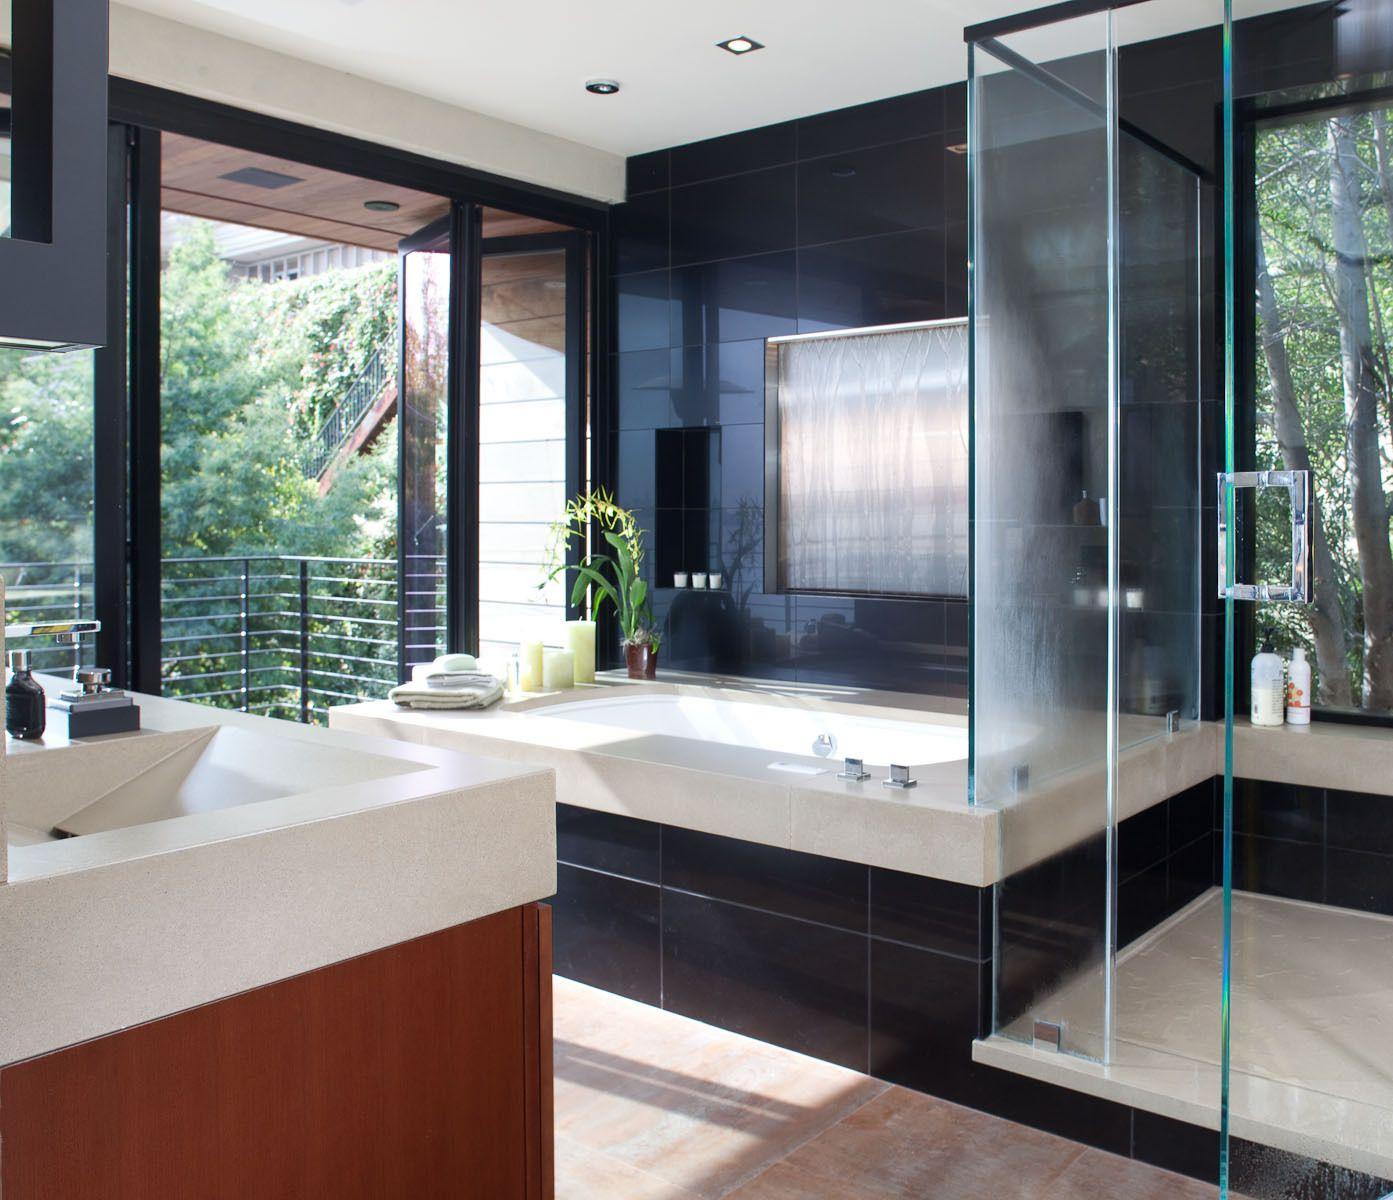 1architecture_interiors__13